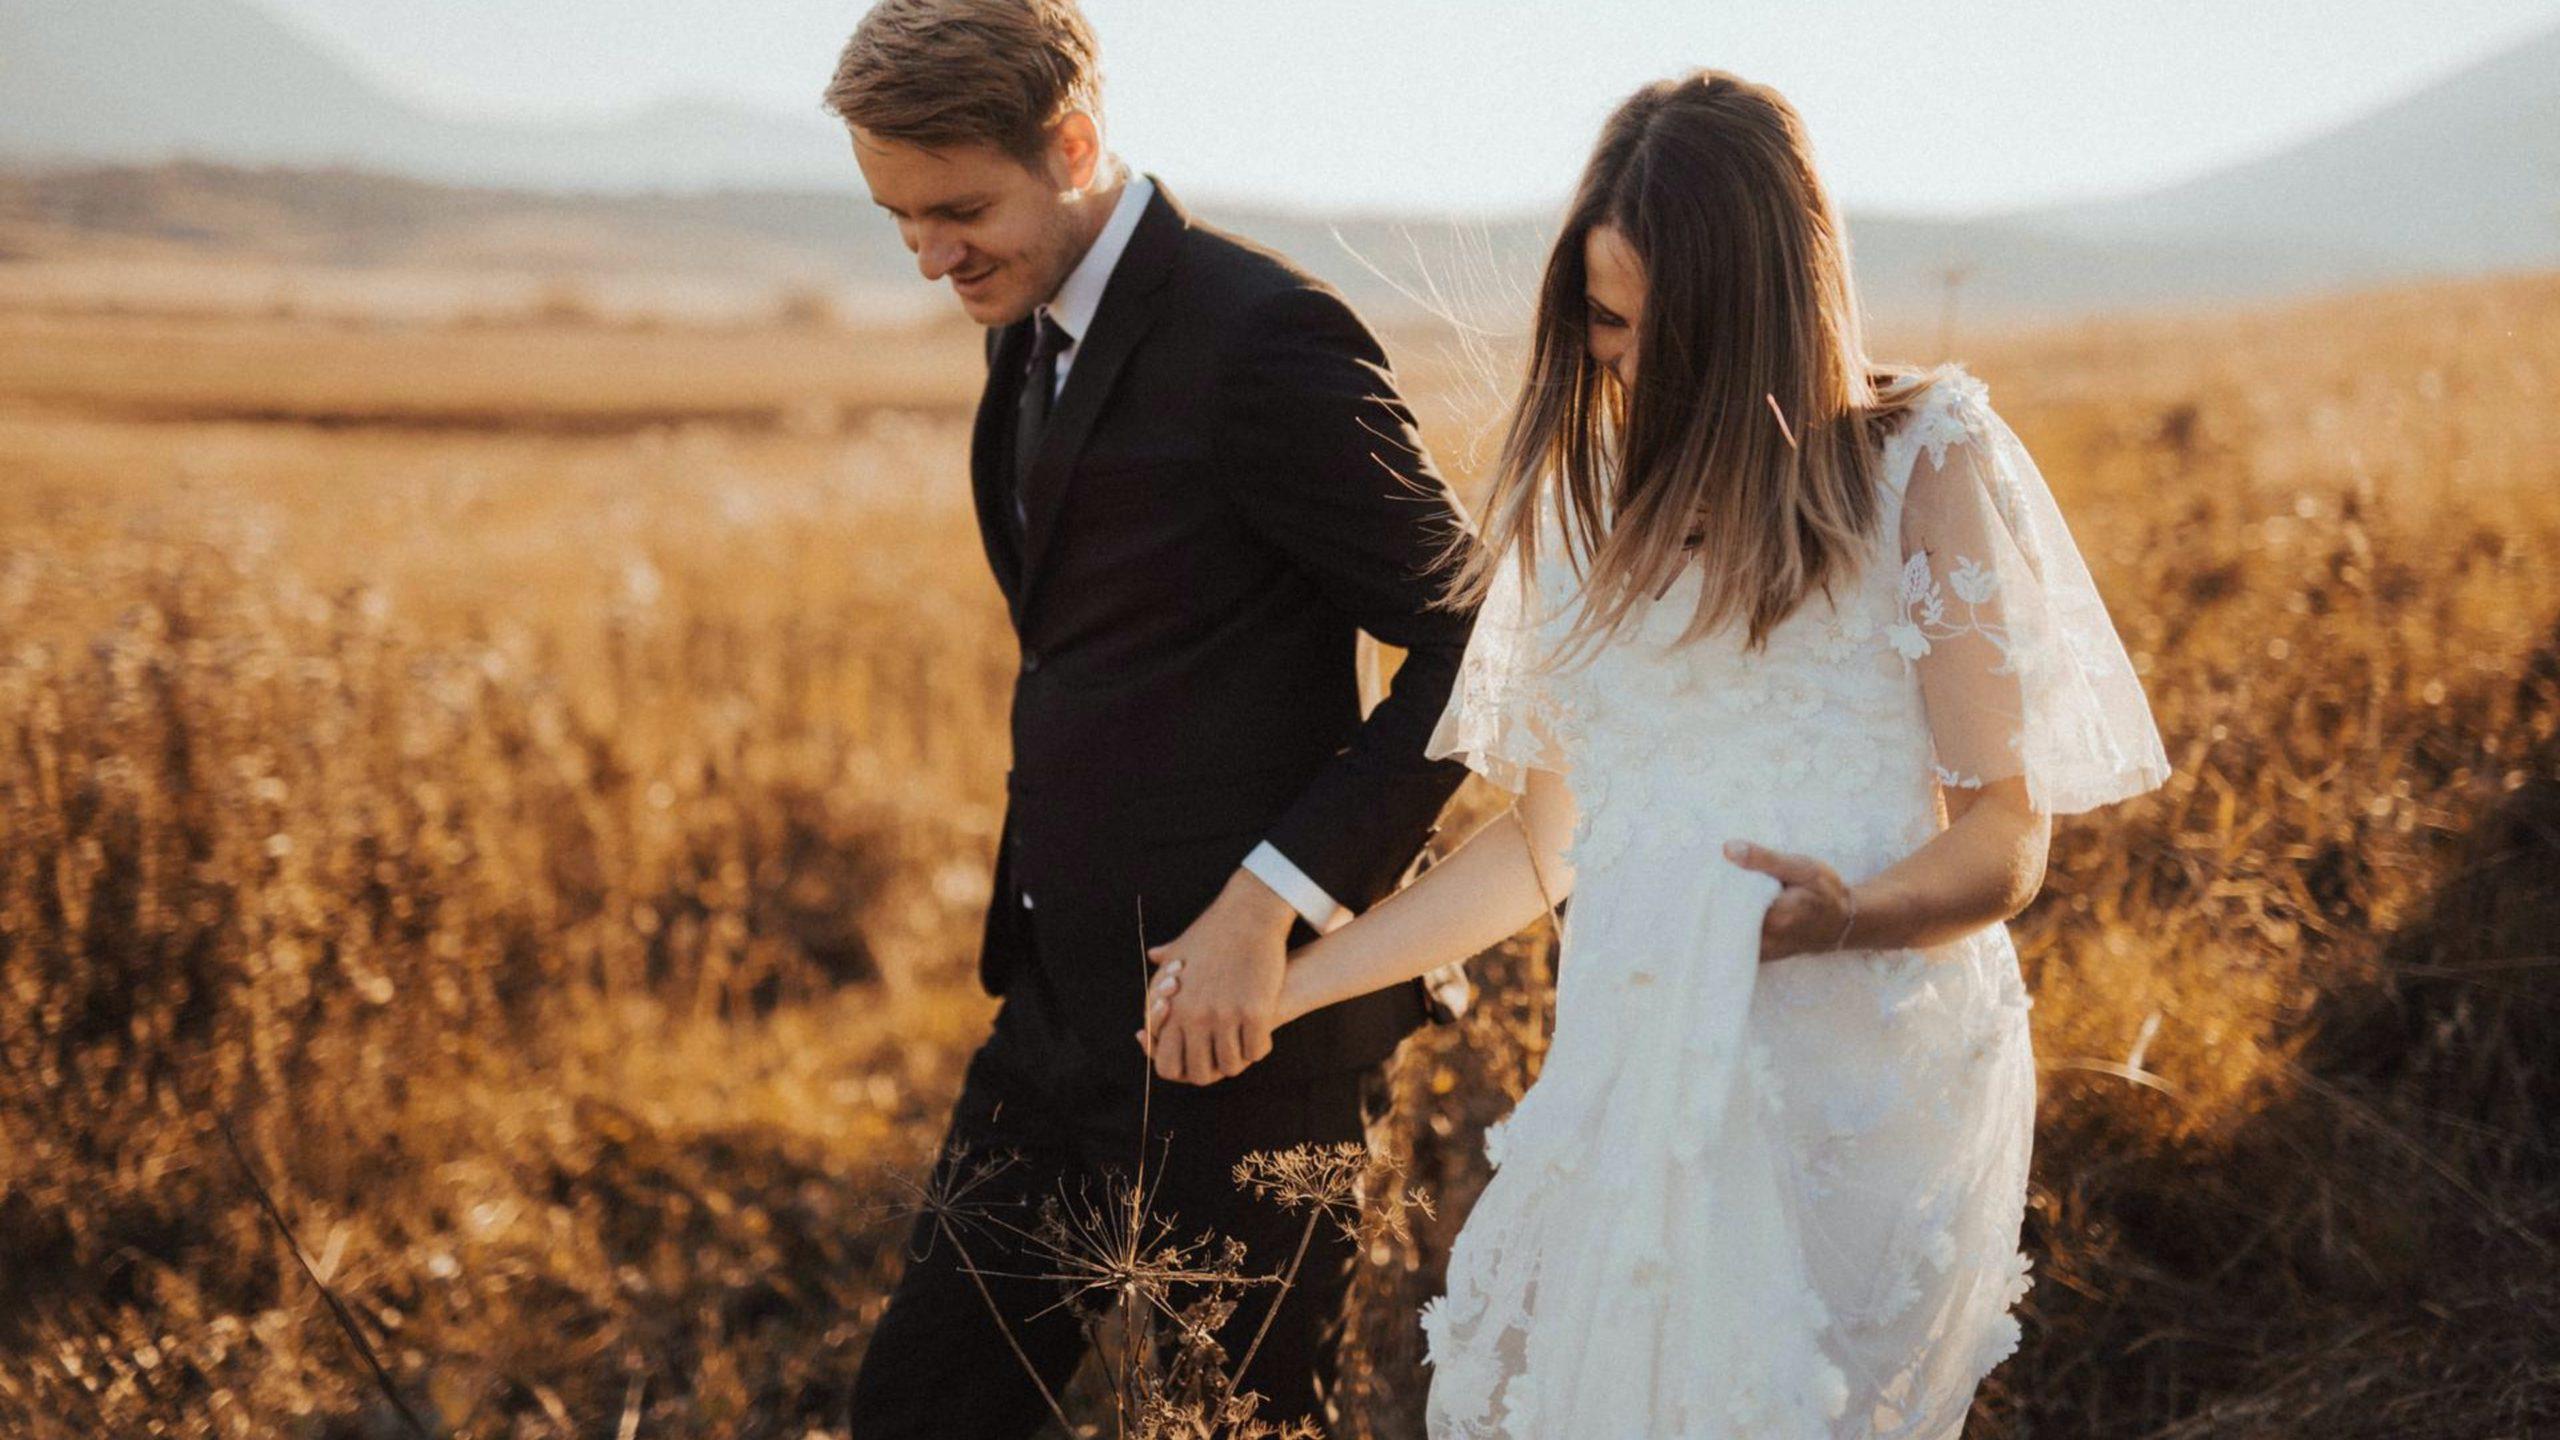 op-huwelijksreis-met-kinderen-zo-wordt-het-een-succes-min